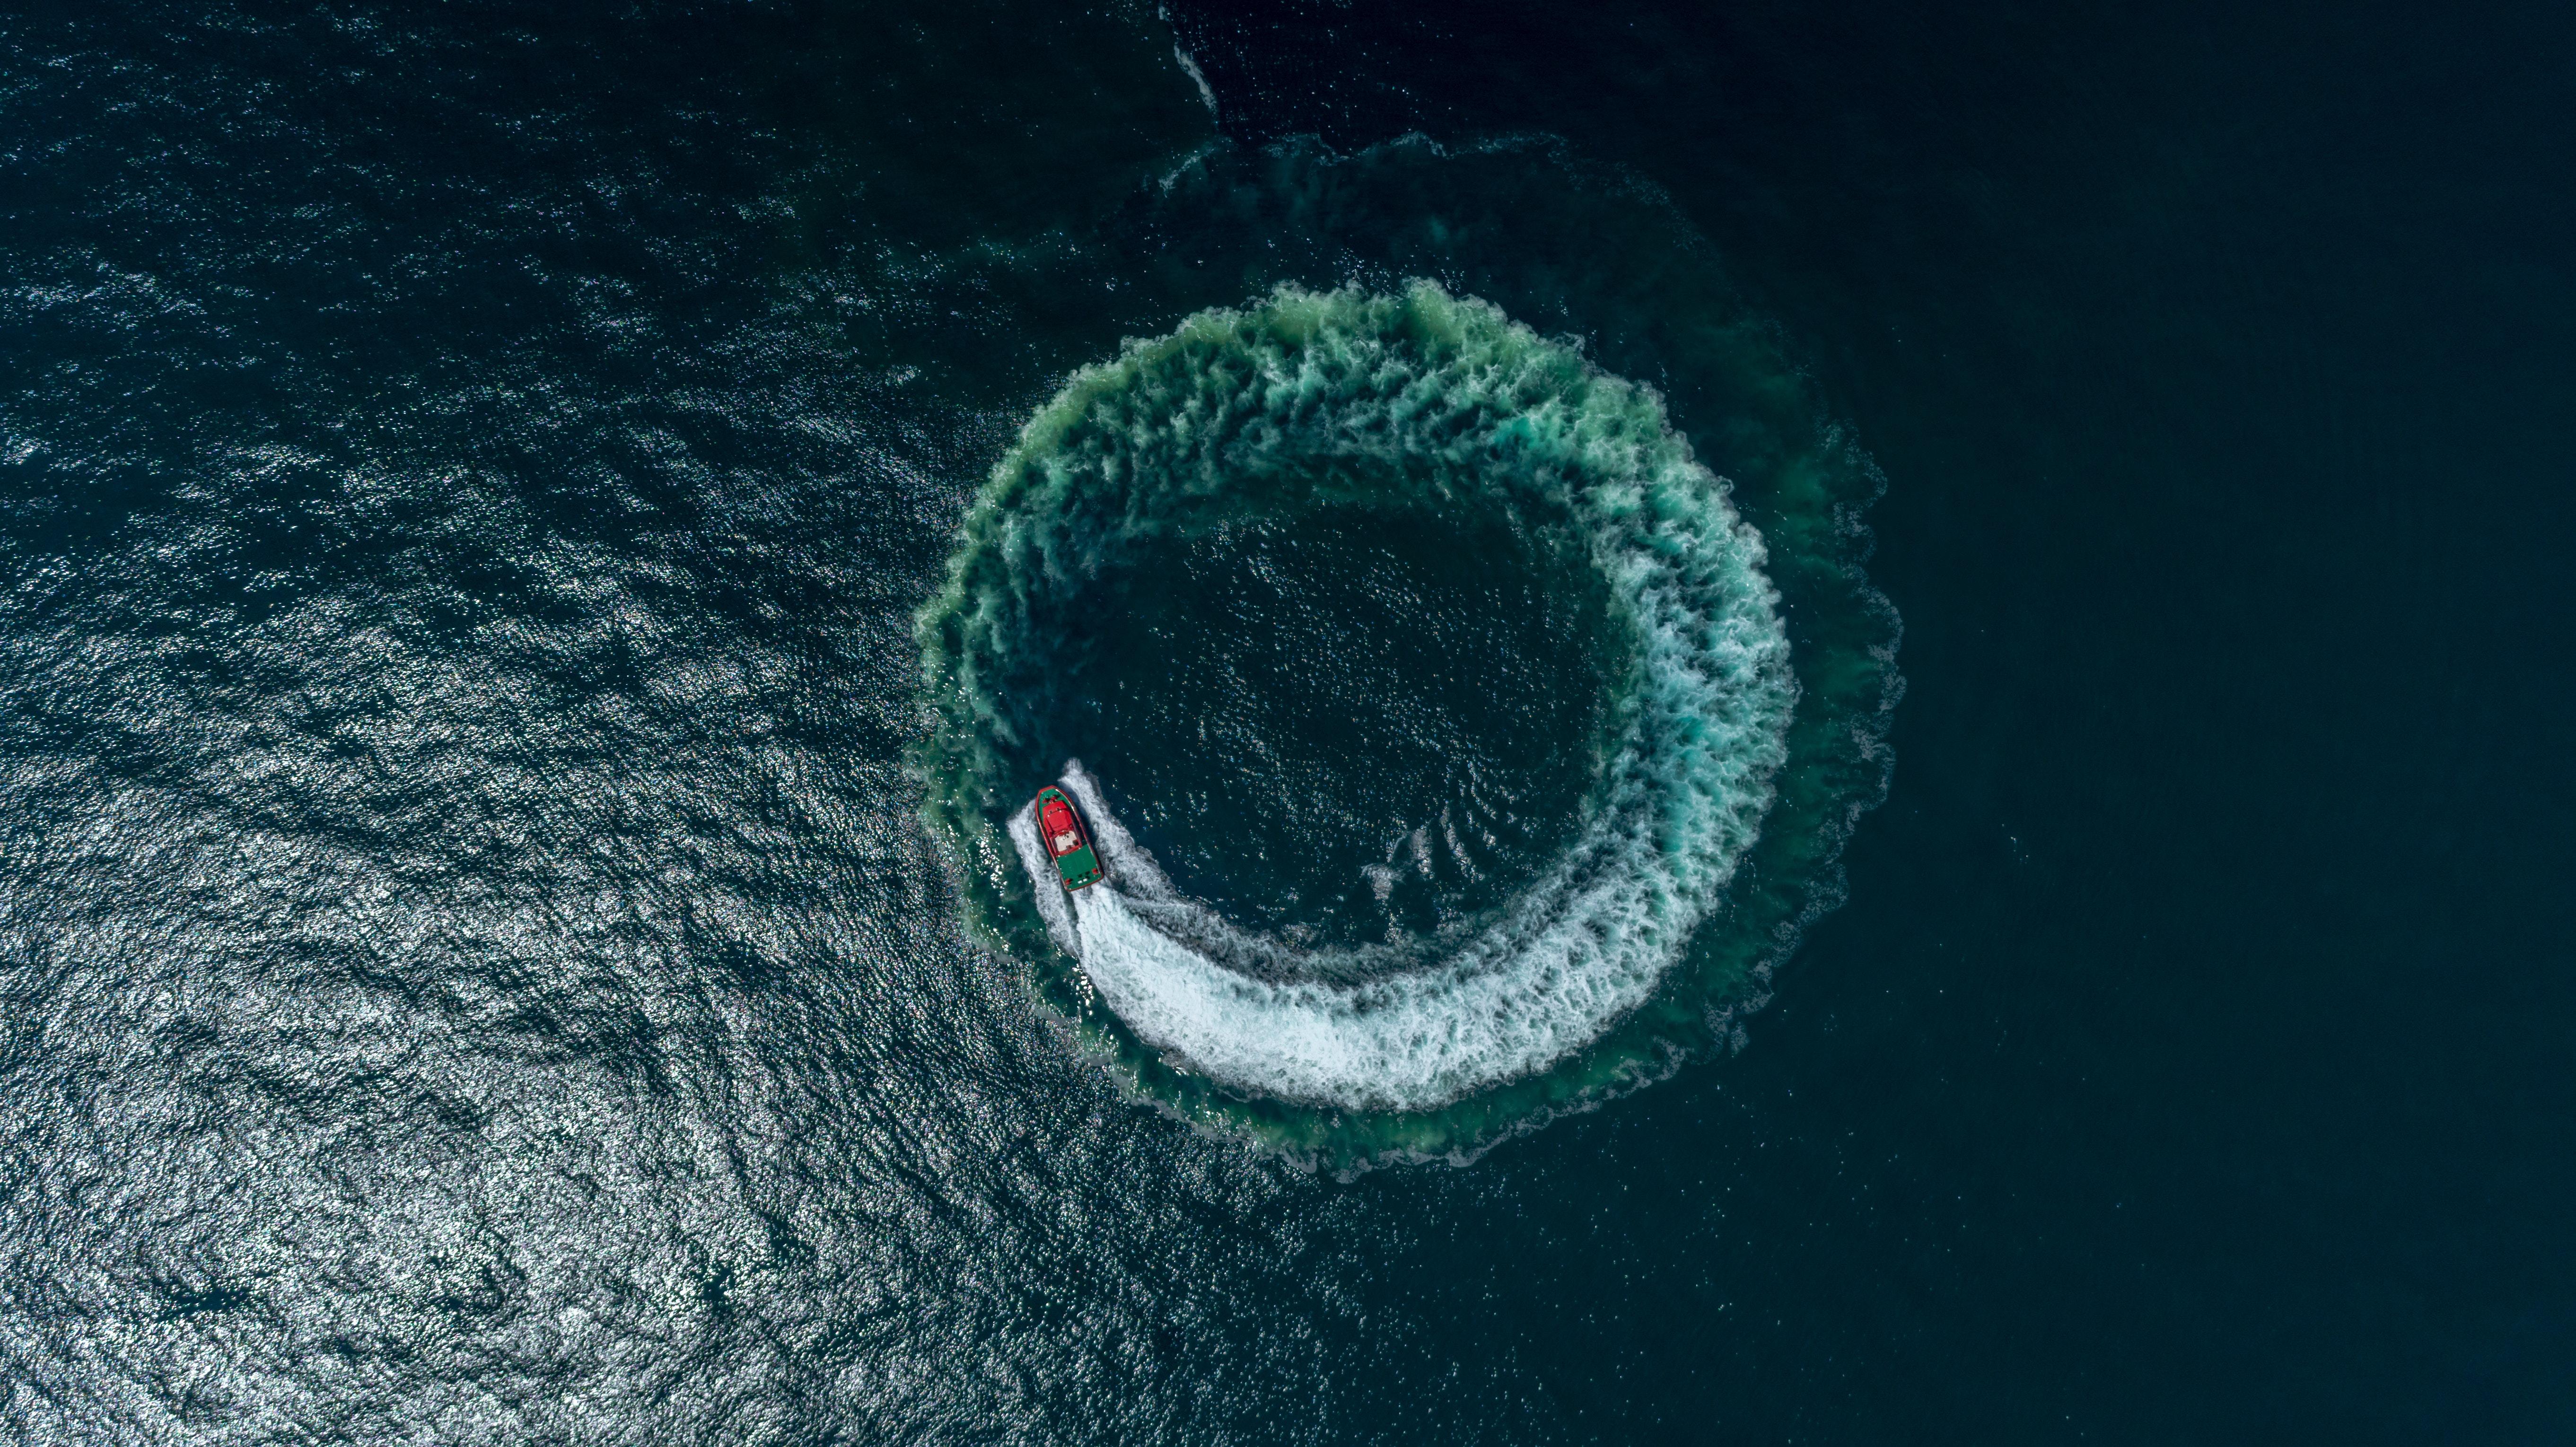 Подводный мир - обои для рабочего стола.   3060x5446